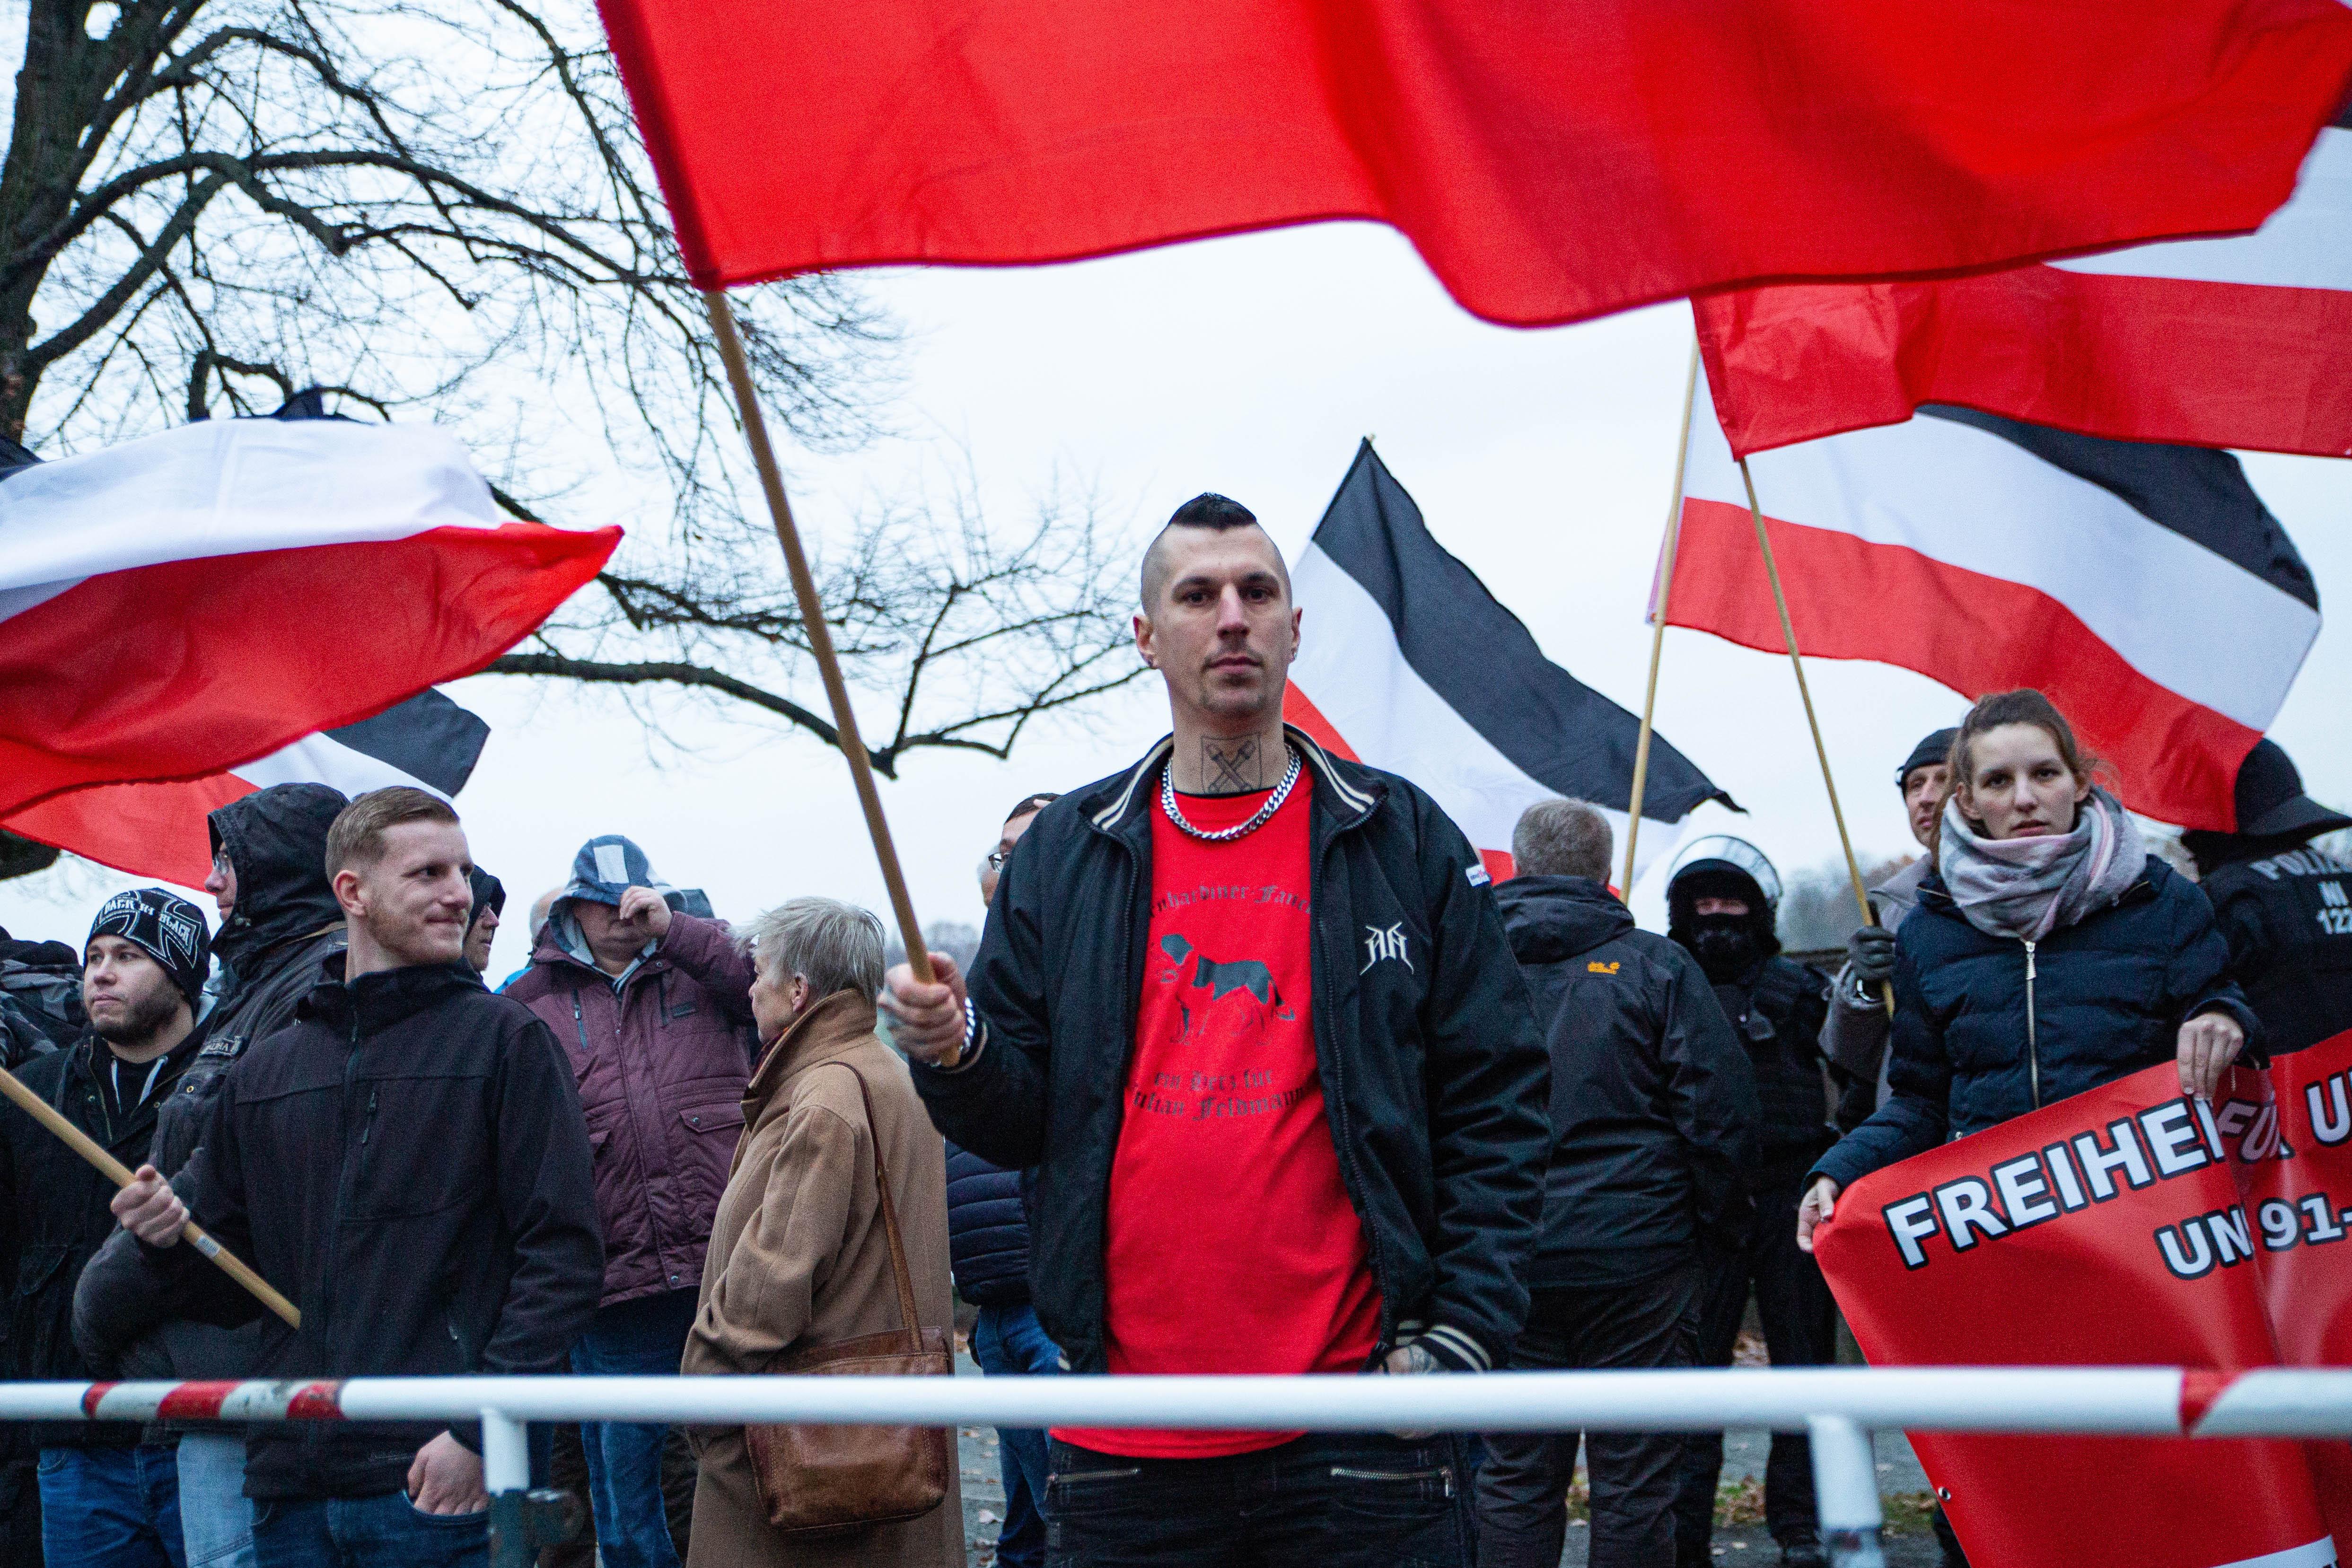 Betiltották a neonáci csoportot, aminek köze lehetett egy német politikus meggyilkolásához